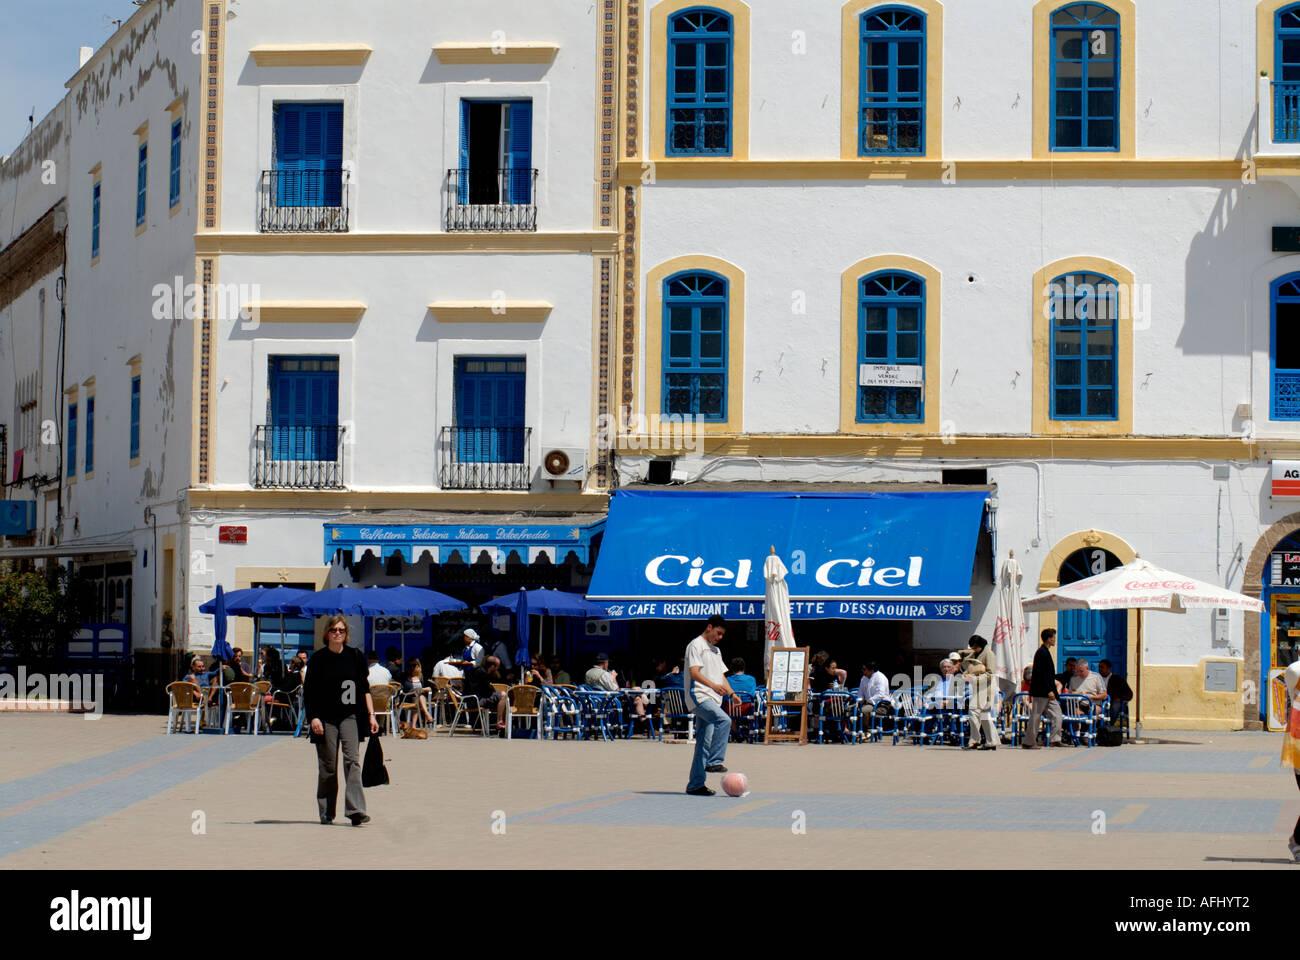 Cafe Emilia Berlin